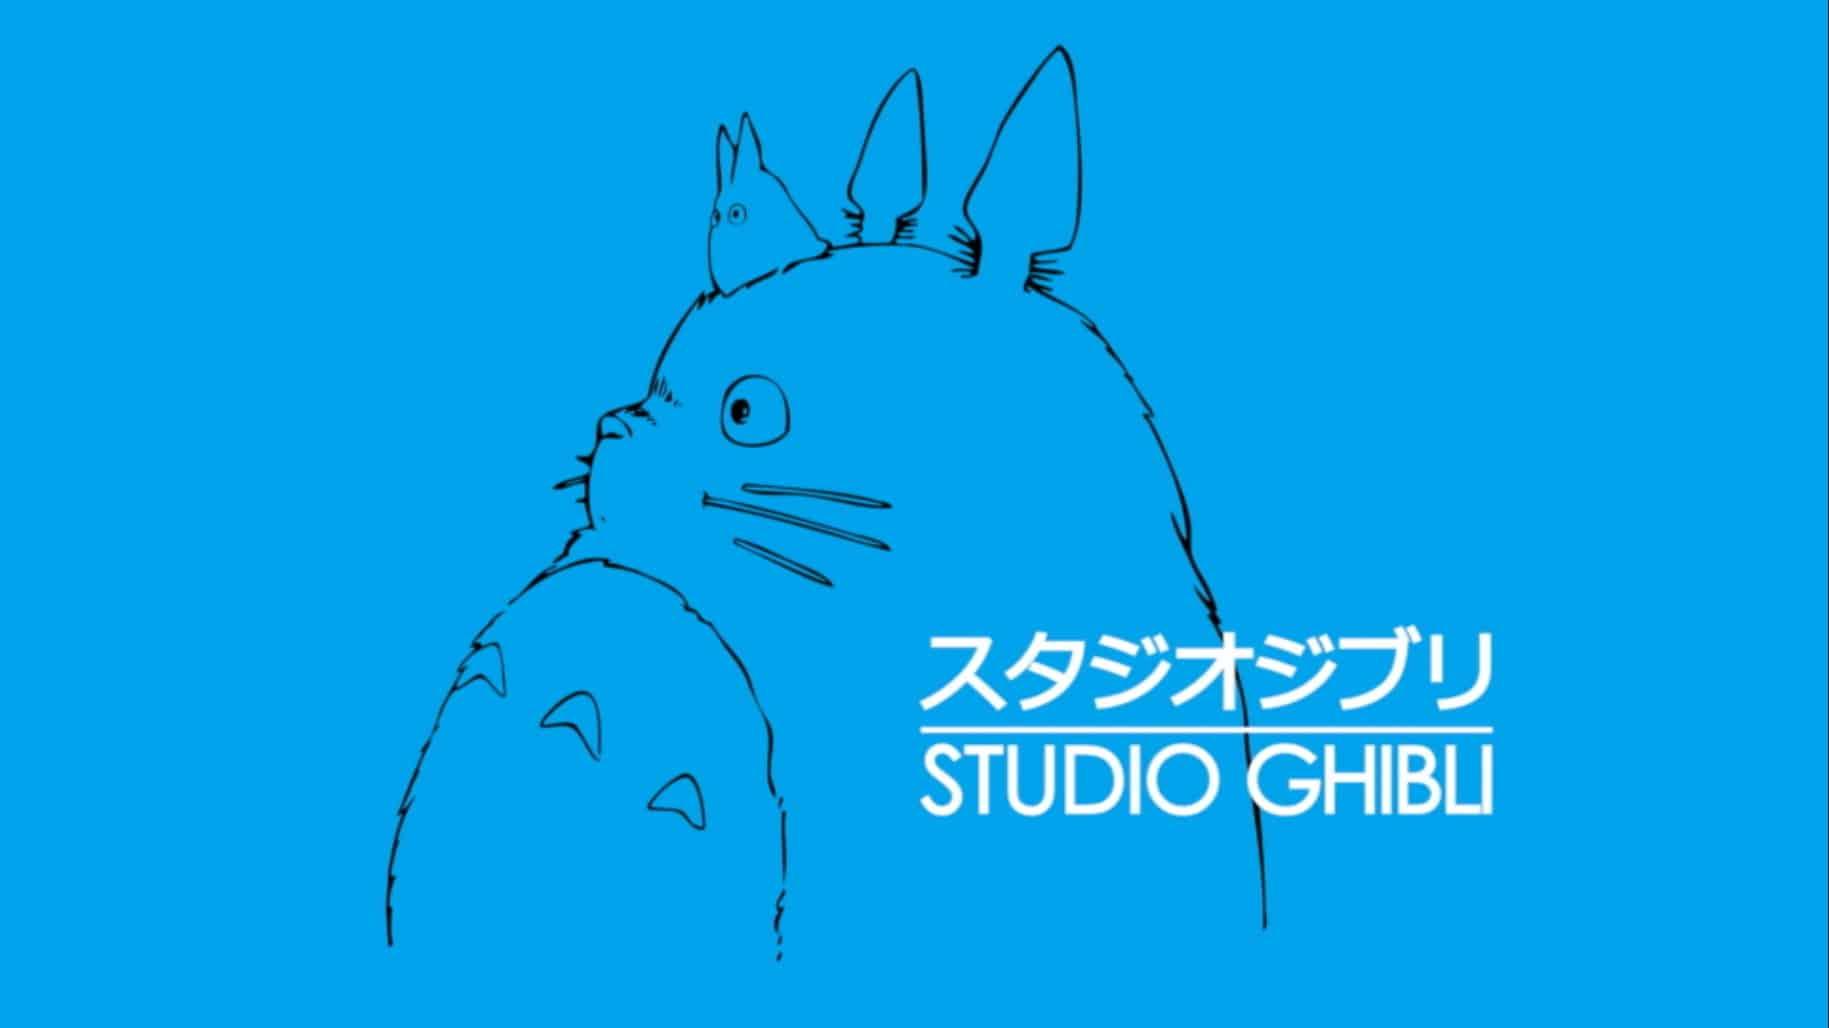 7 migliori film di Studio Ghibli da guardare